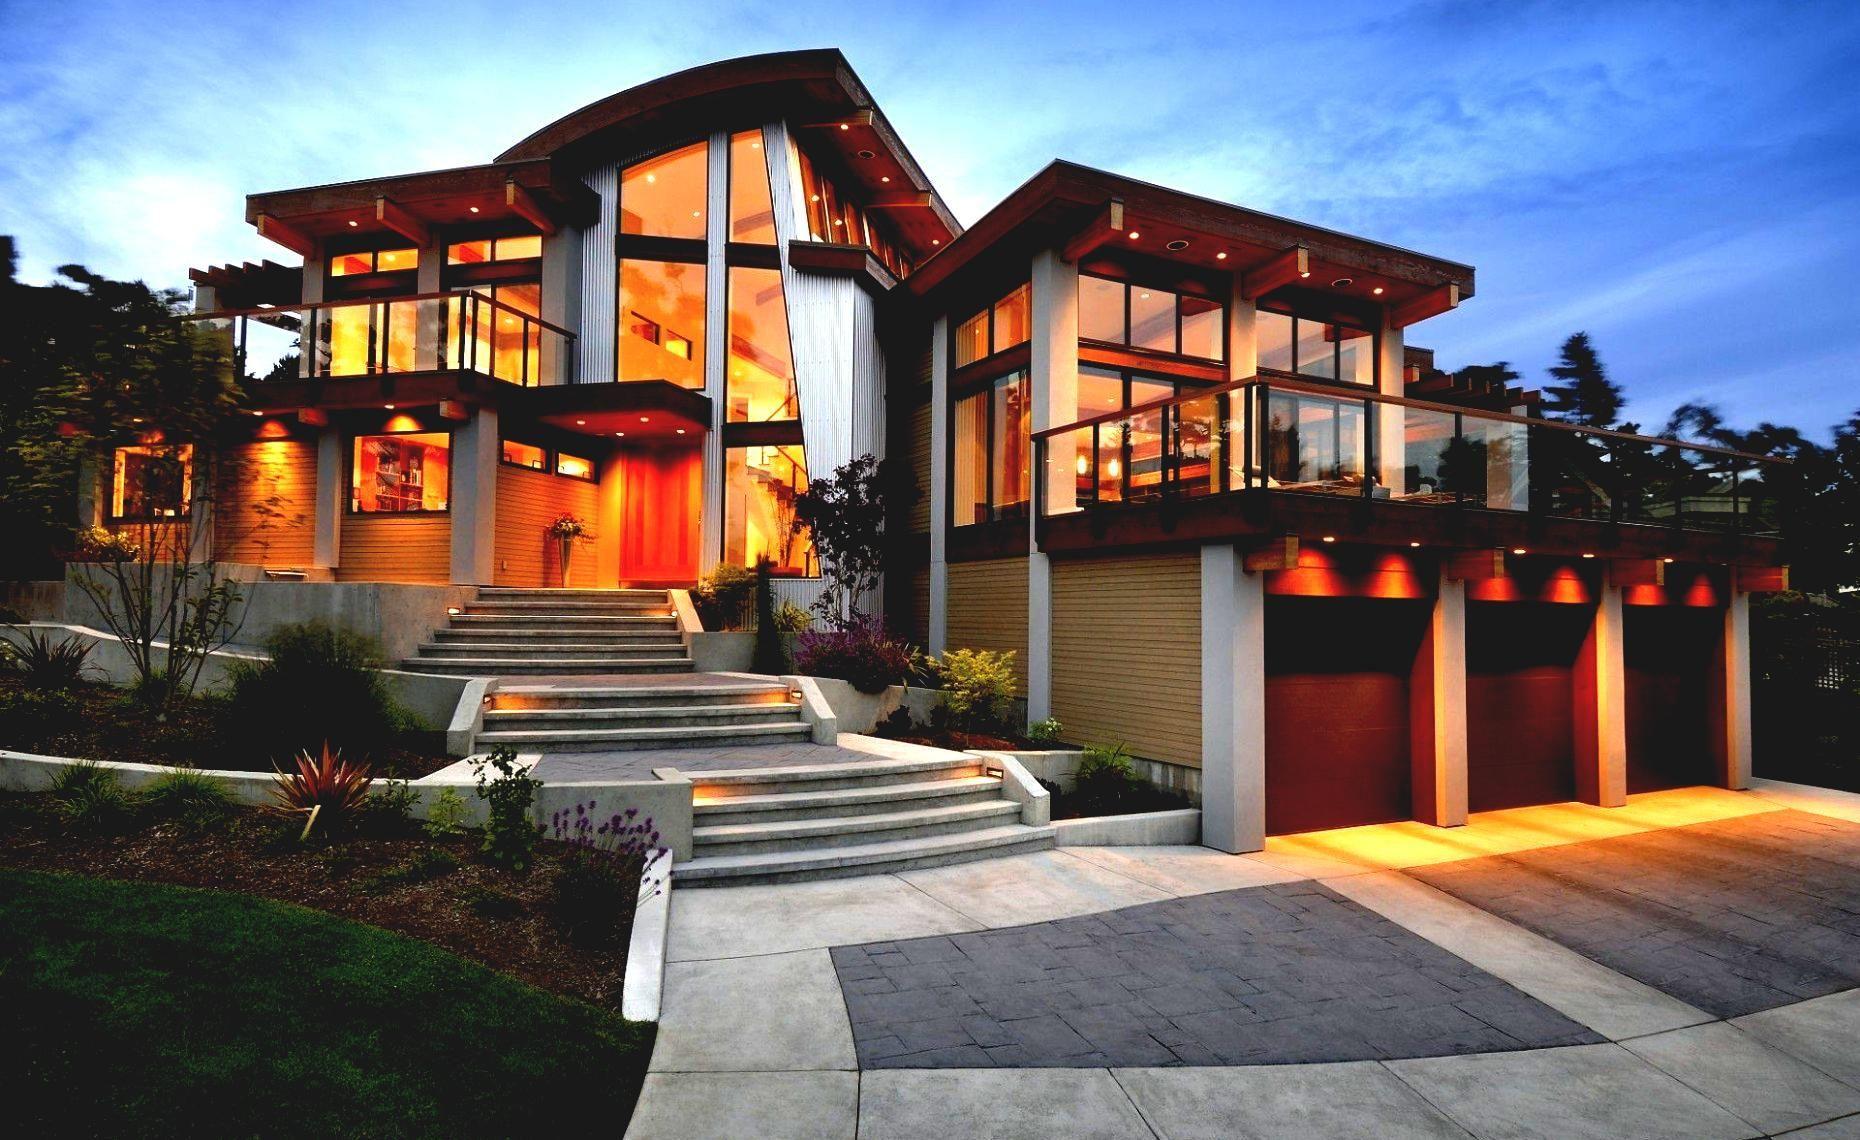 48 Unique Home Architecture Dream Houses Https Silahsilah Com